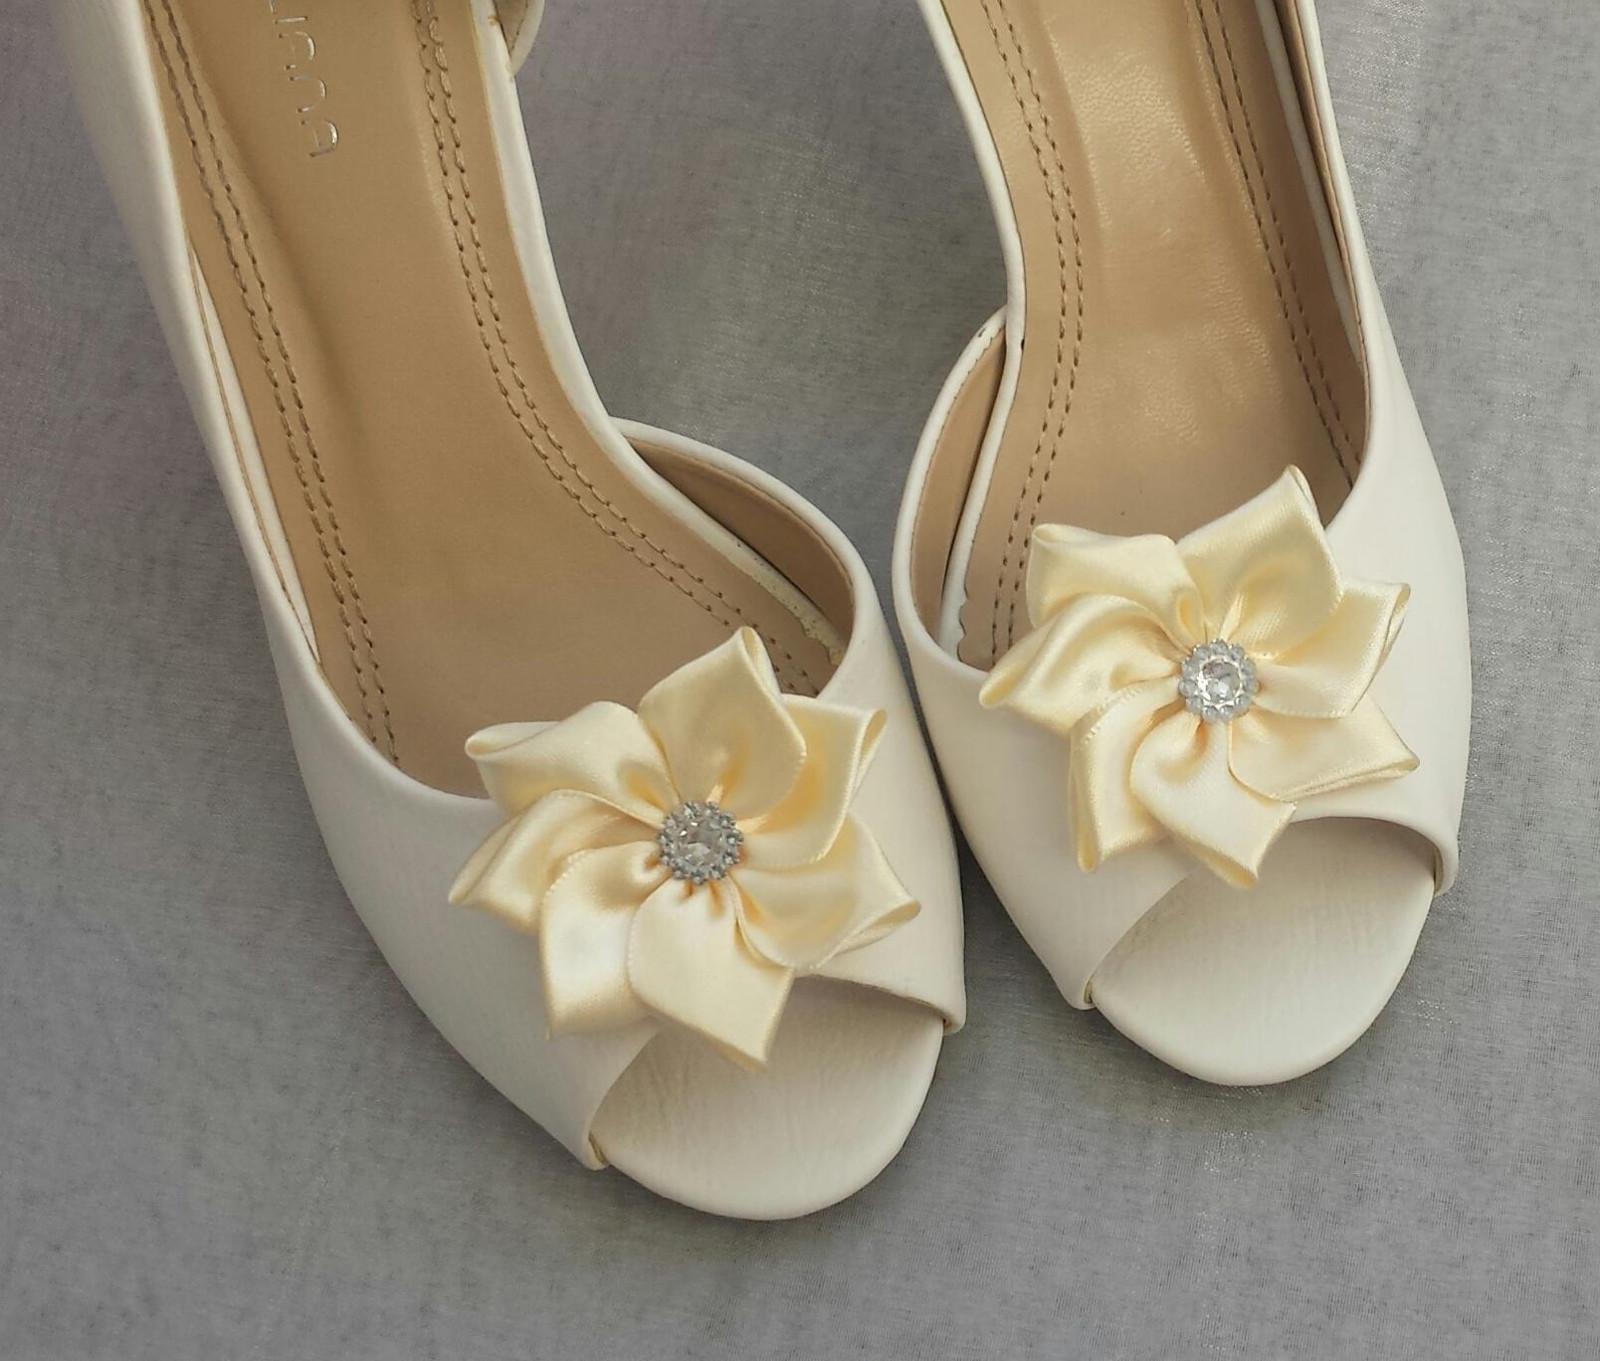 Šampaň klipy na boty pro nevěstu - KANZASHI - Obrázek č. 1